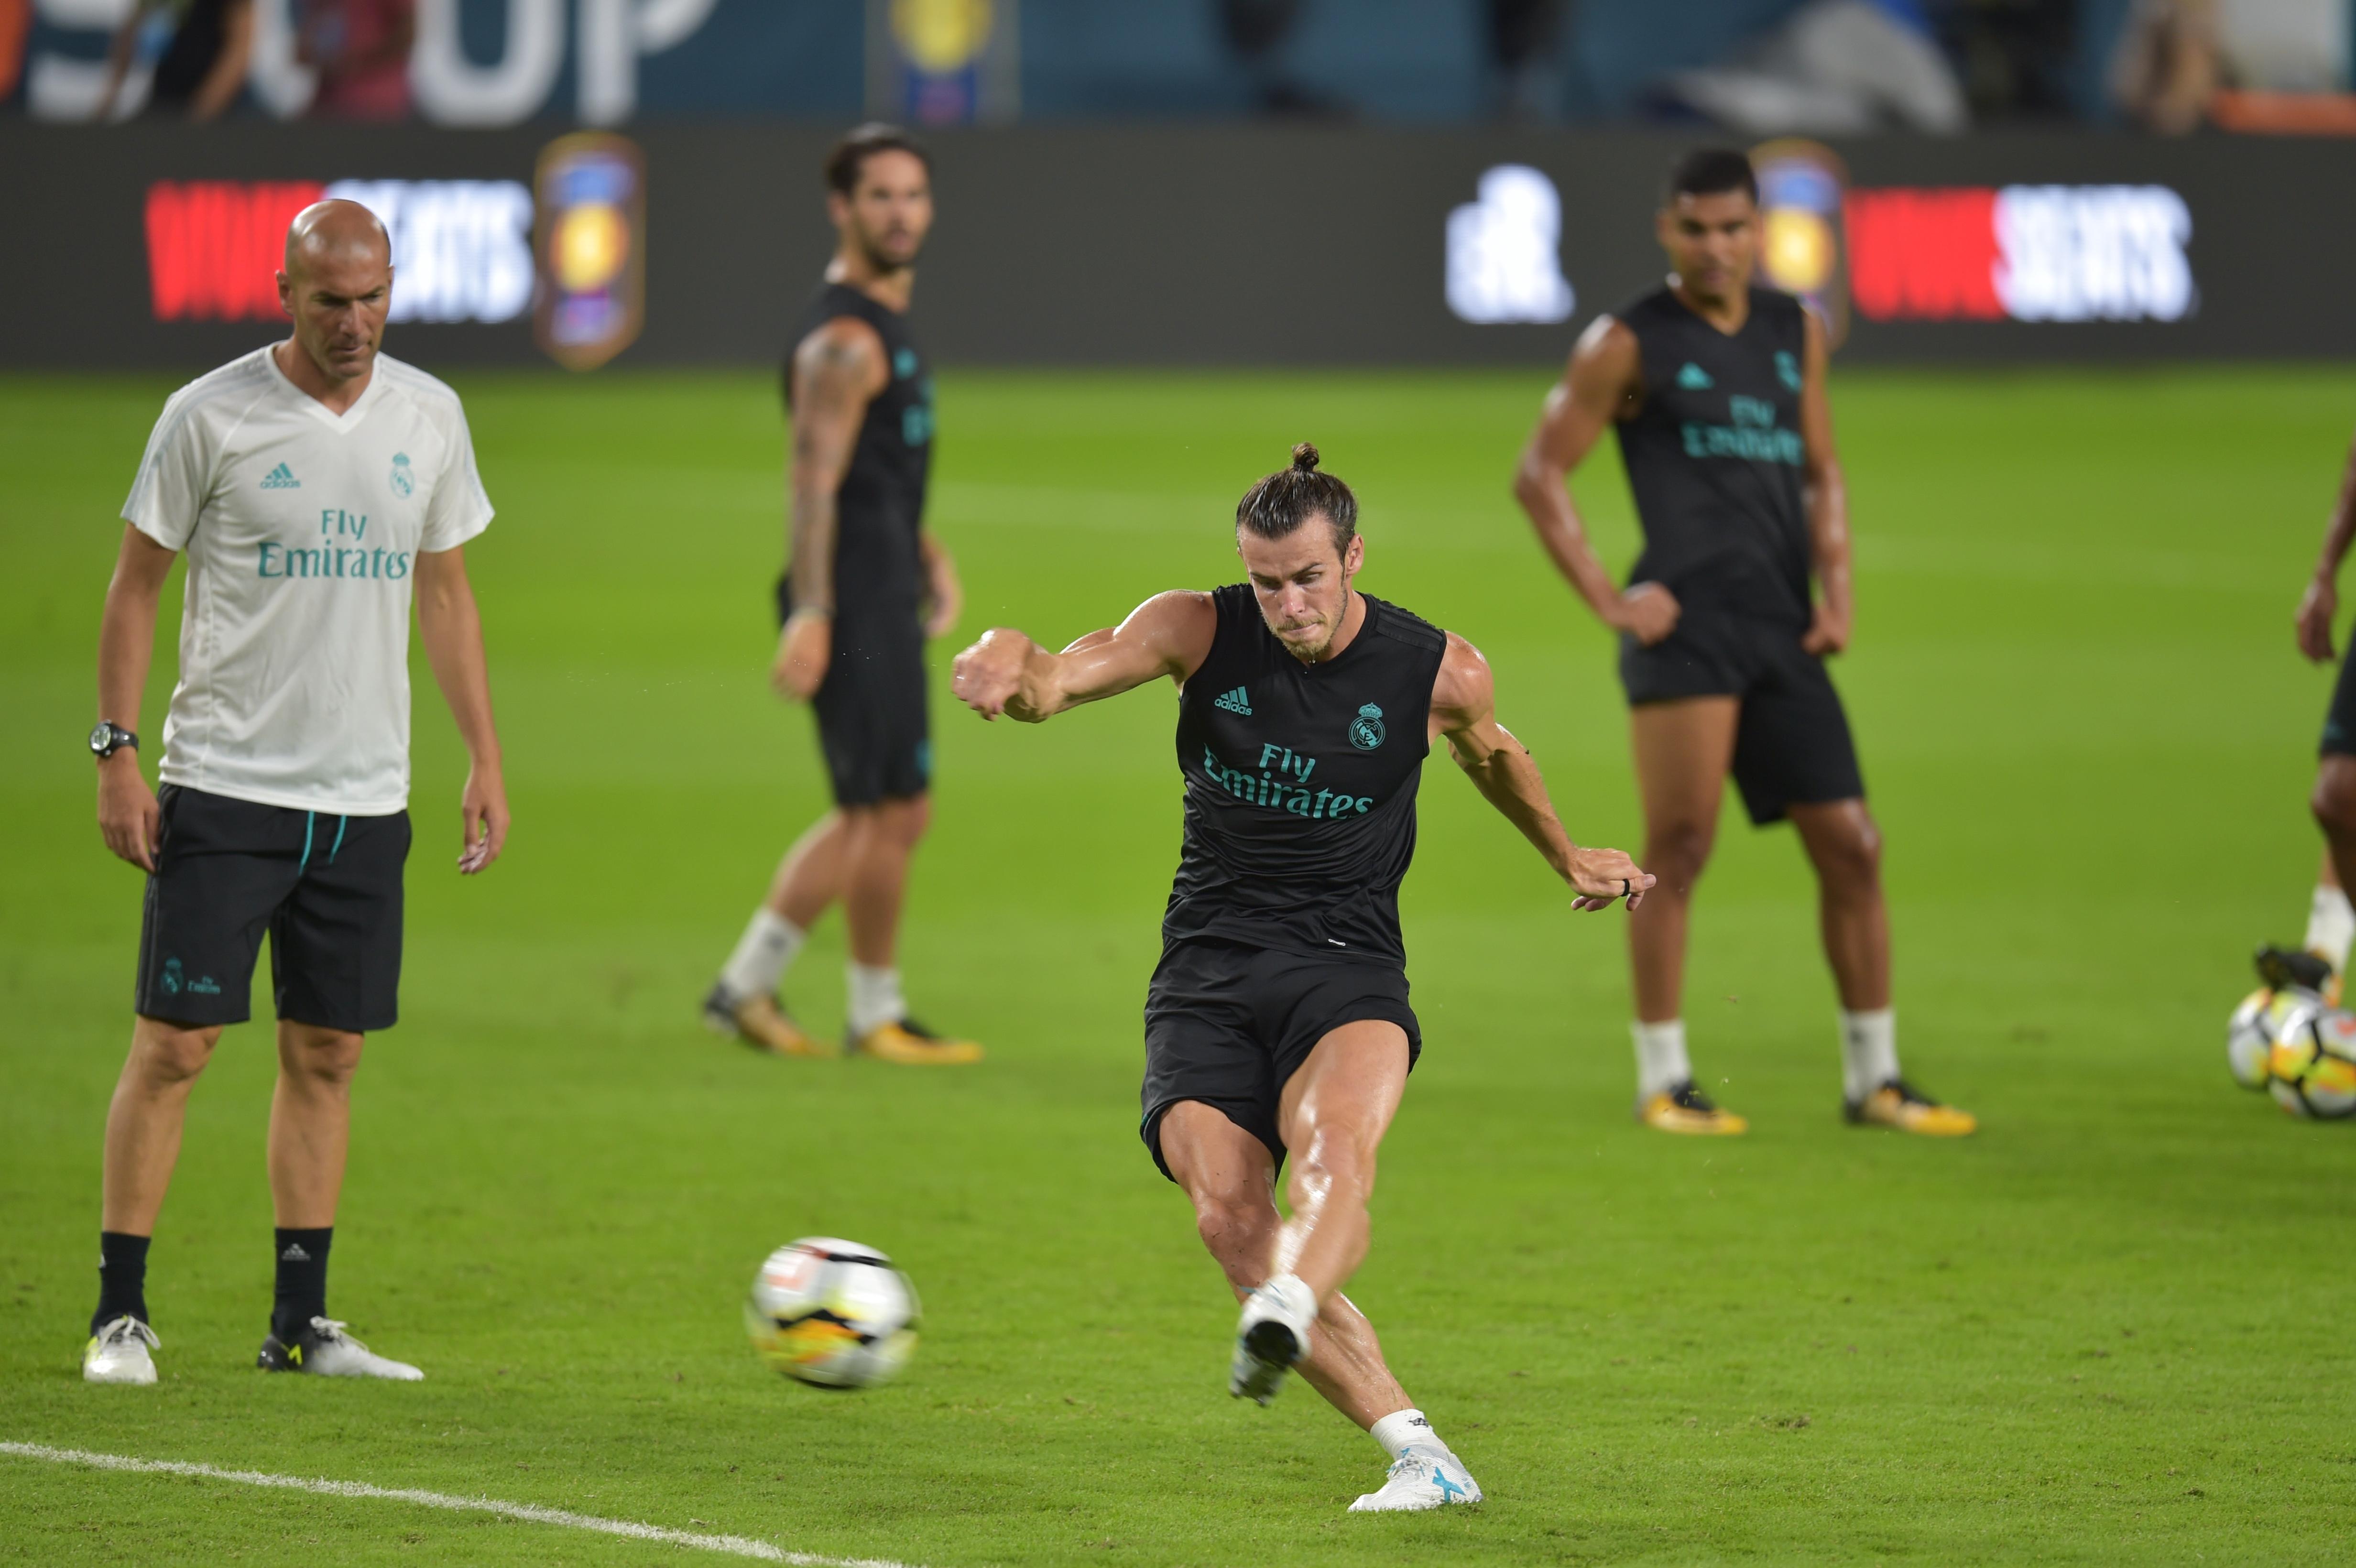 fae9552aeed7c Bale deixa treino do Real Madrid após sentir dores no tornozelo ...